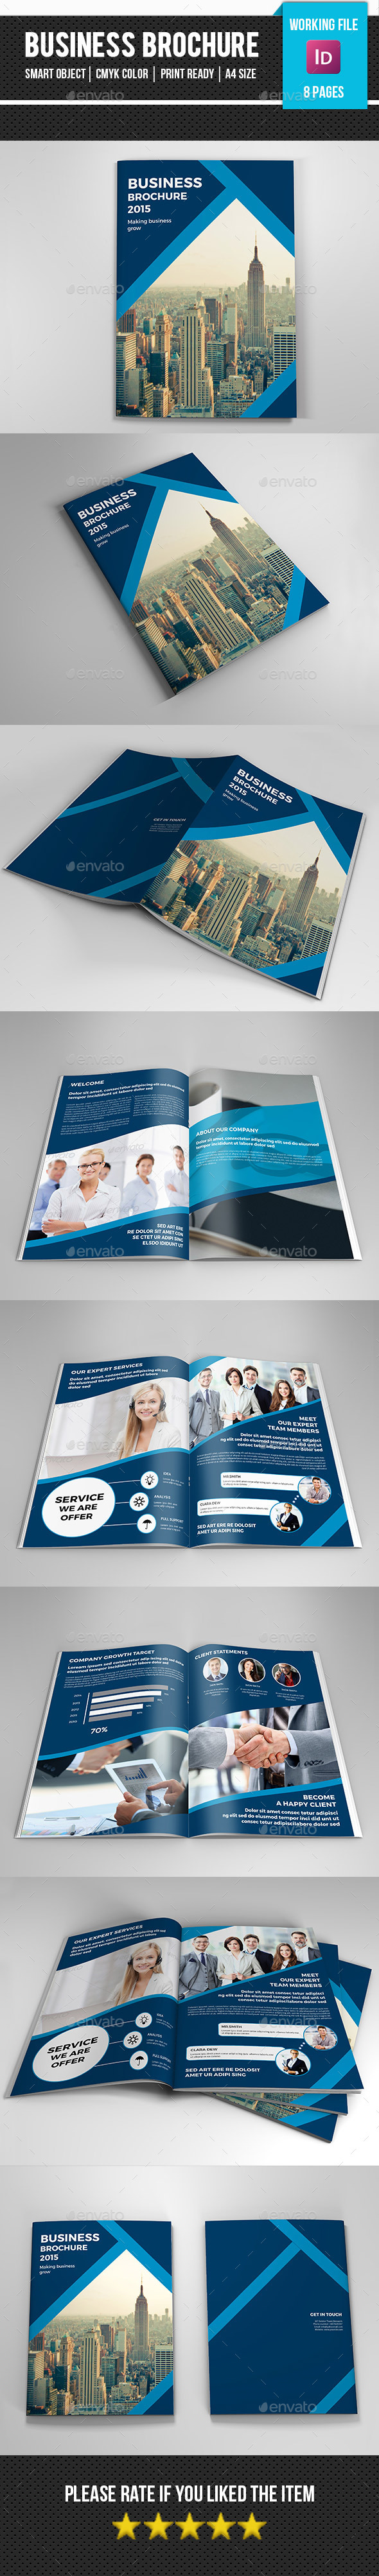 Indesign Corporate Brochure-271 - Corporate Brochures